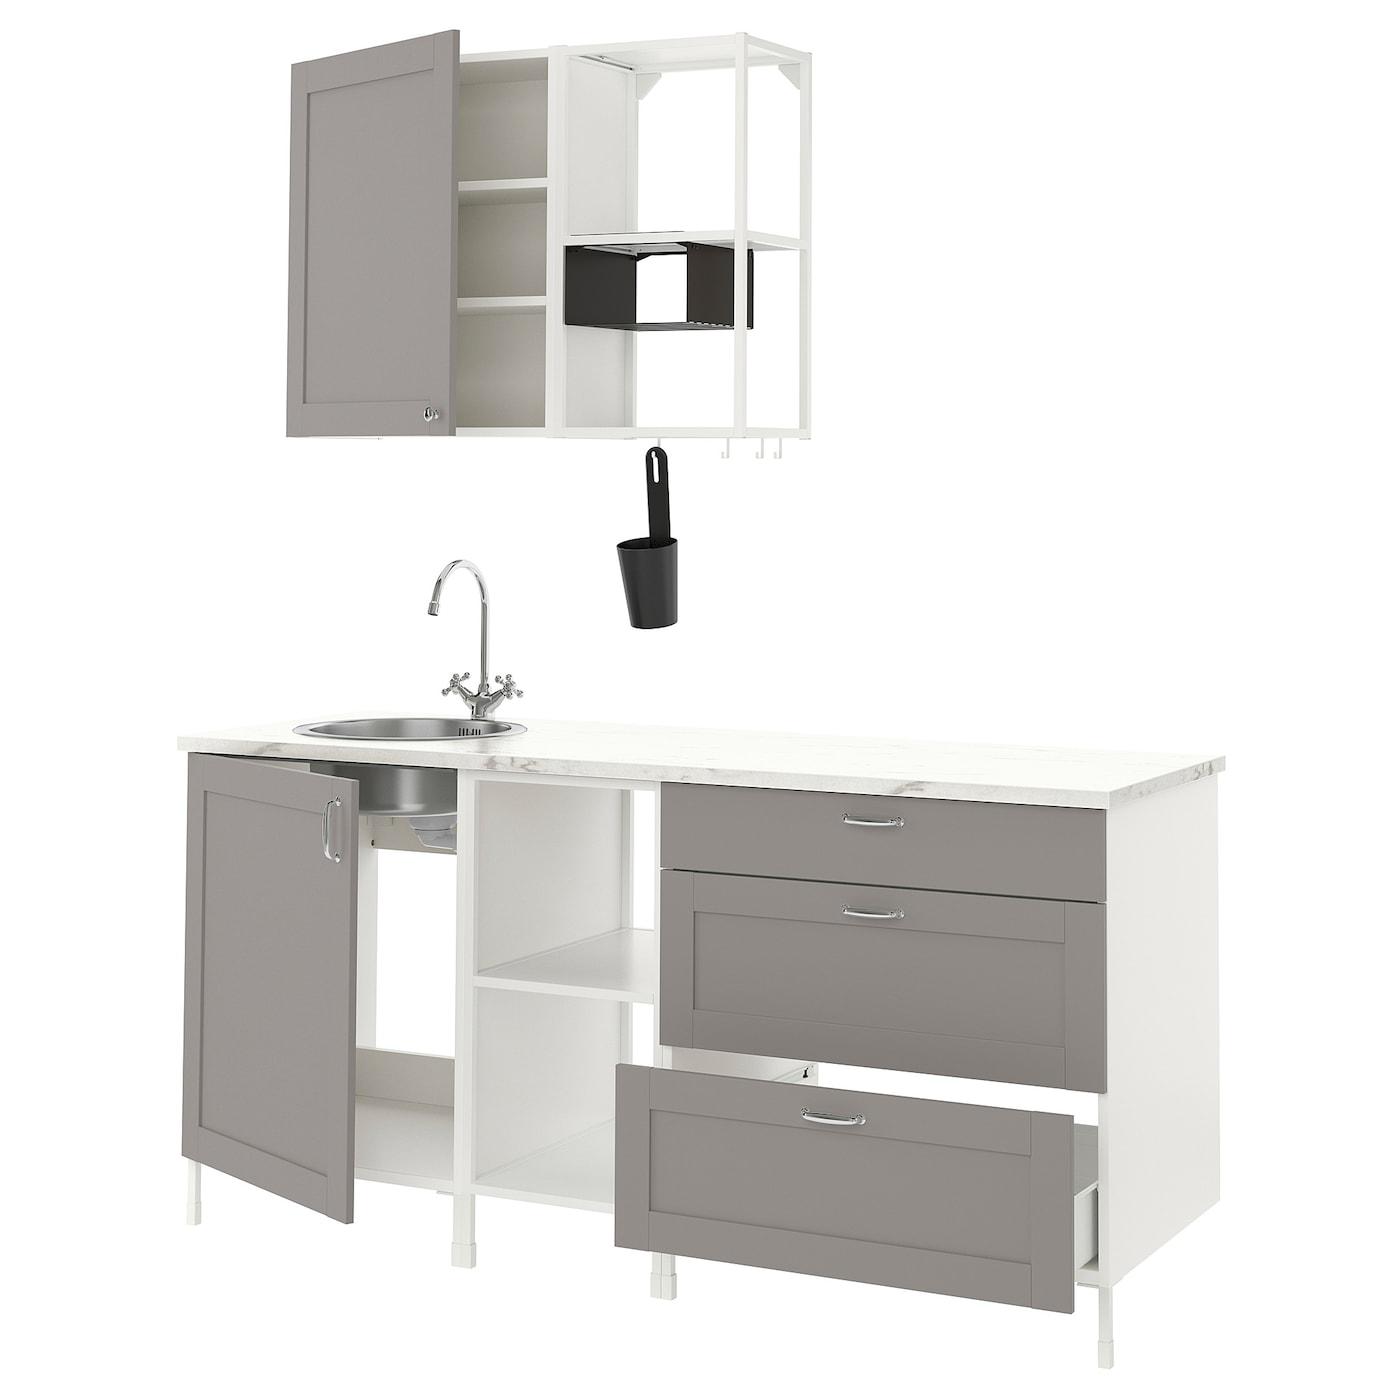 Ikea Keittiö Hinta